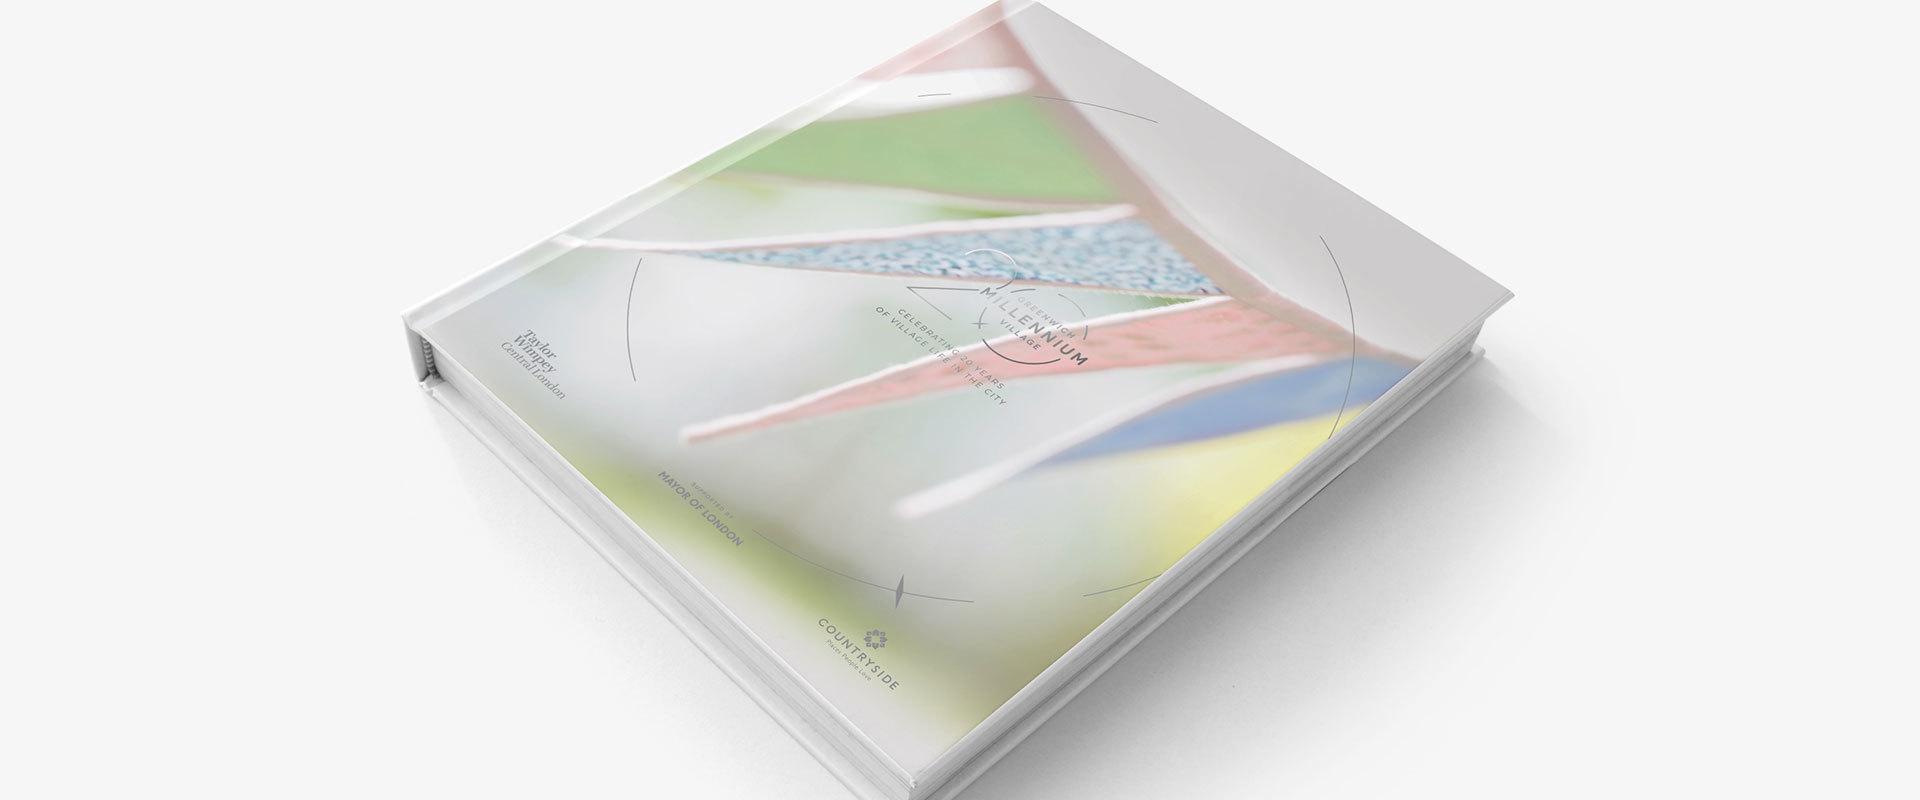 GMV Book